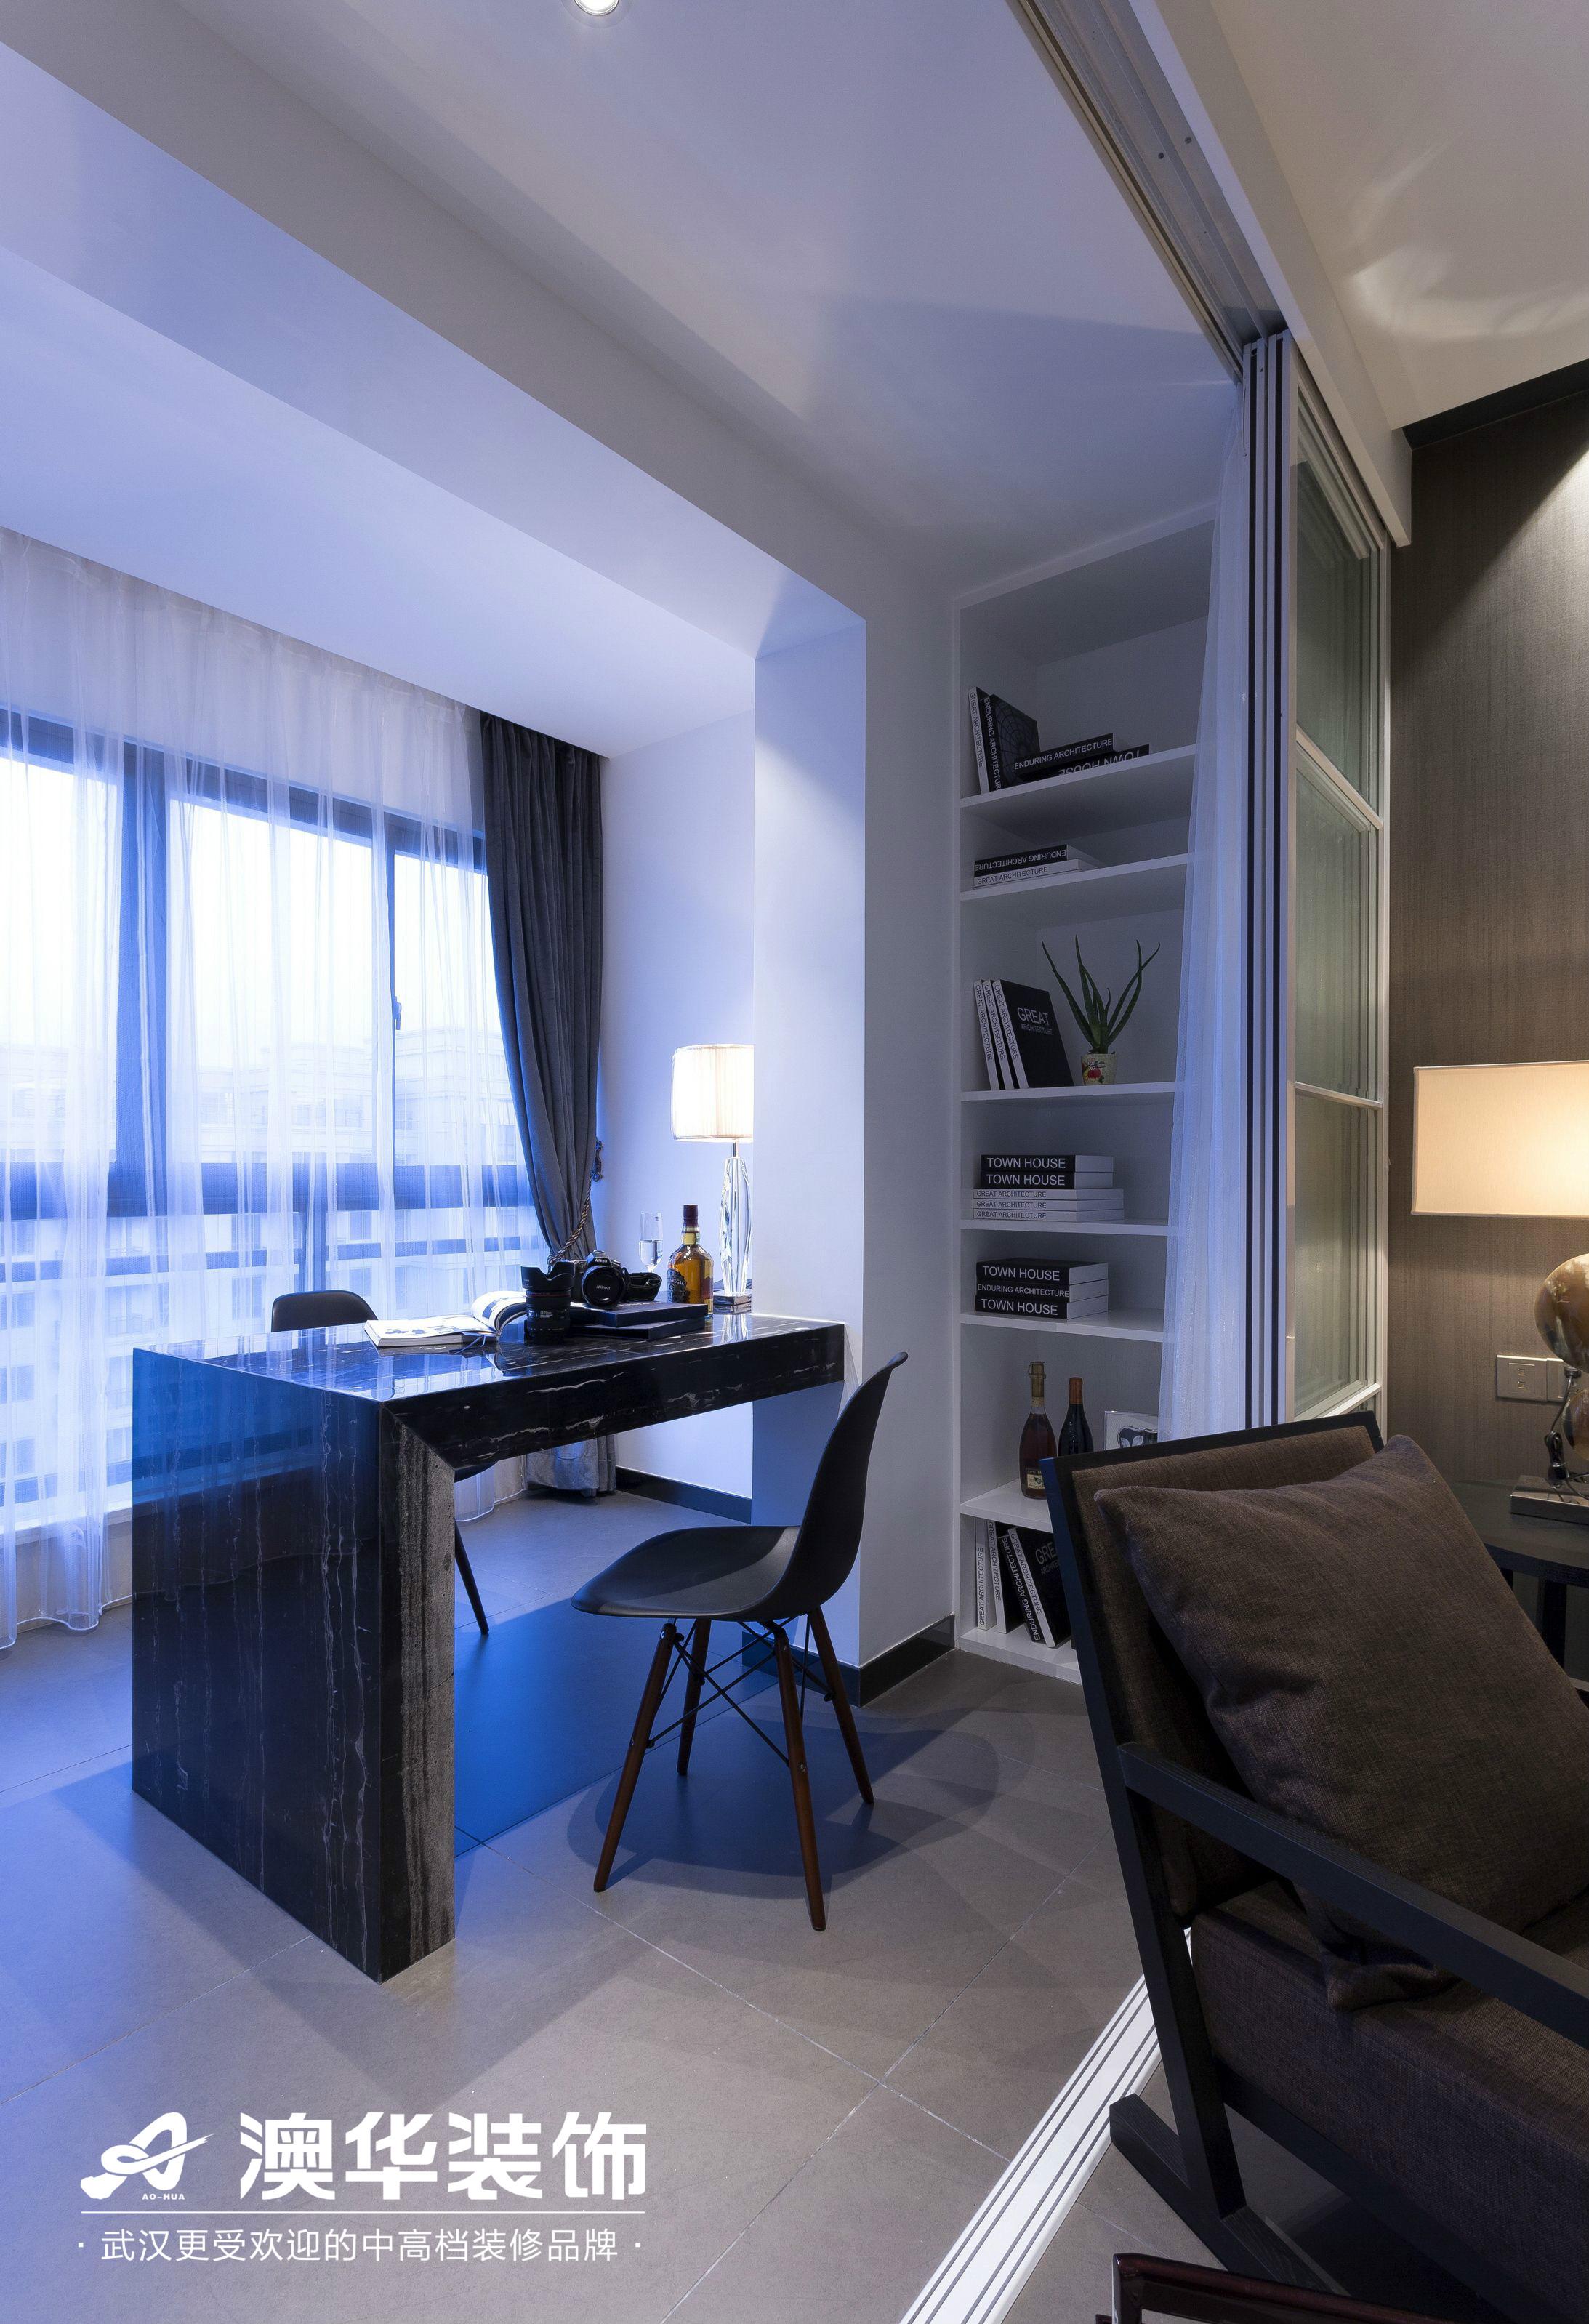 阳台图片来自澳华装饰有限公司在金地雄楚1号现代风格的分享